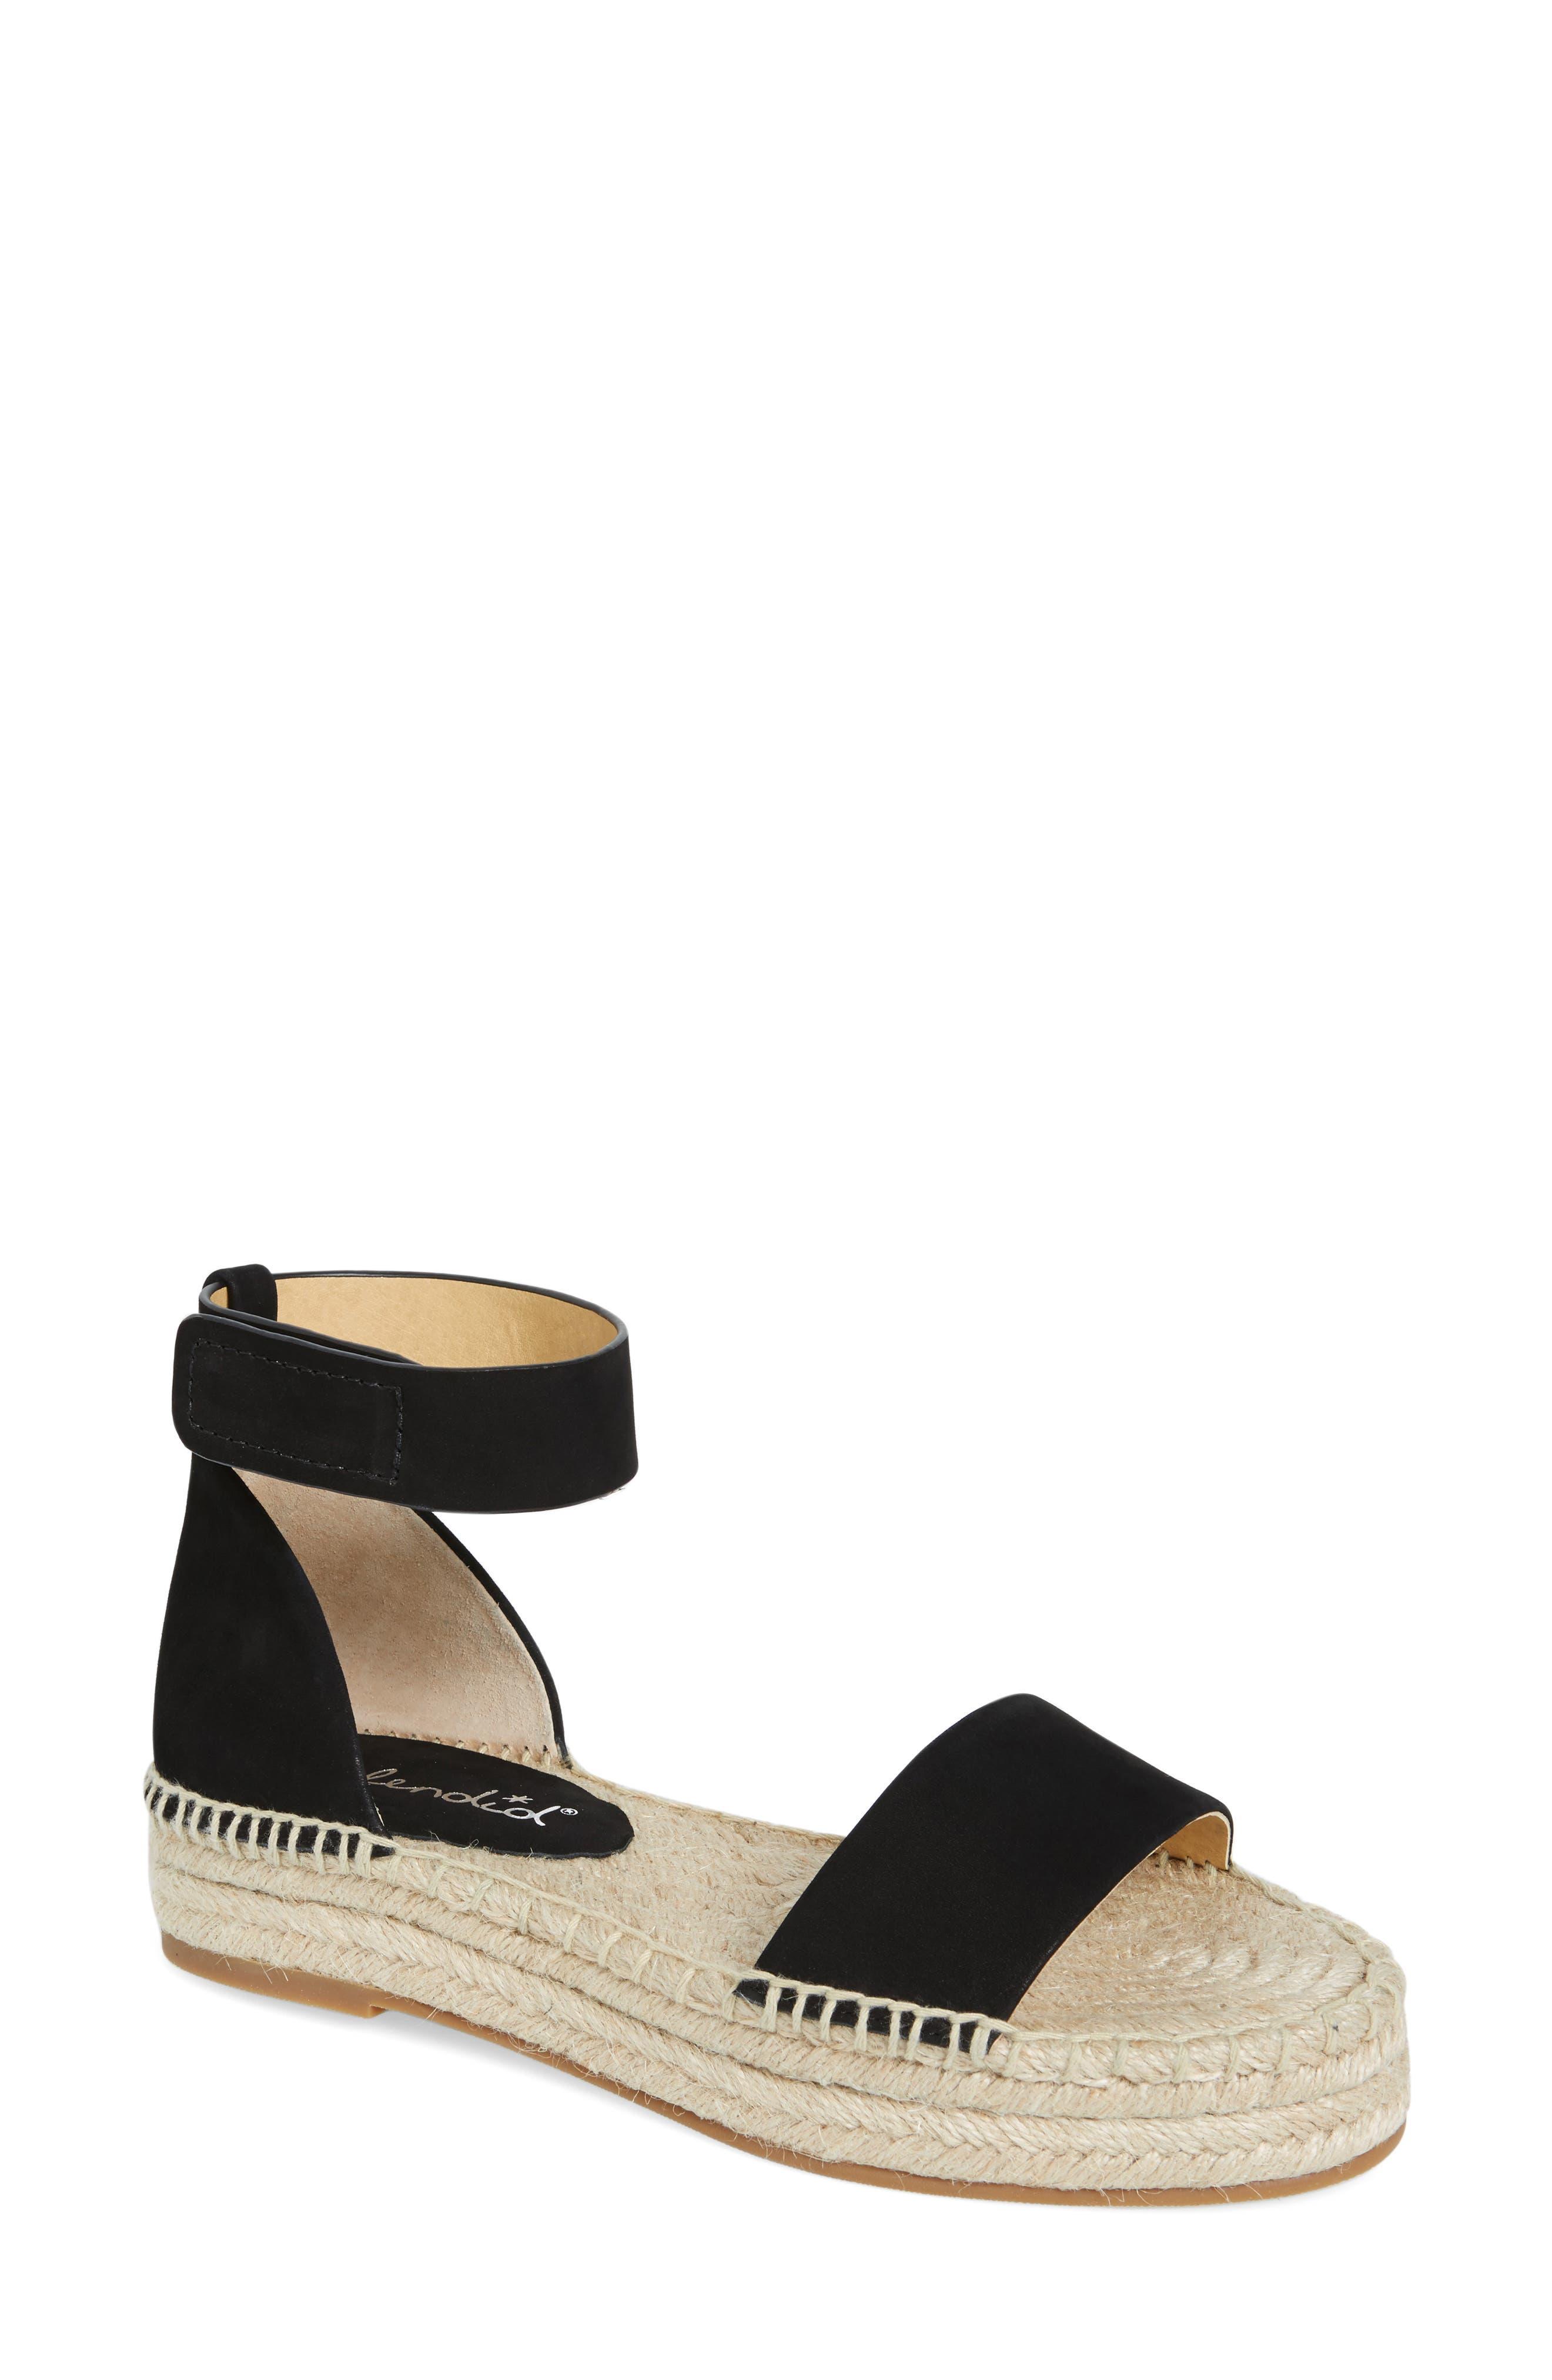 SPLENDID Jensen Platform Espadrille Sandal, Main, color, 002